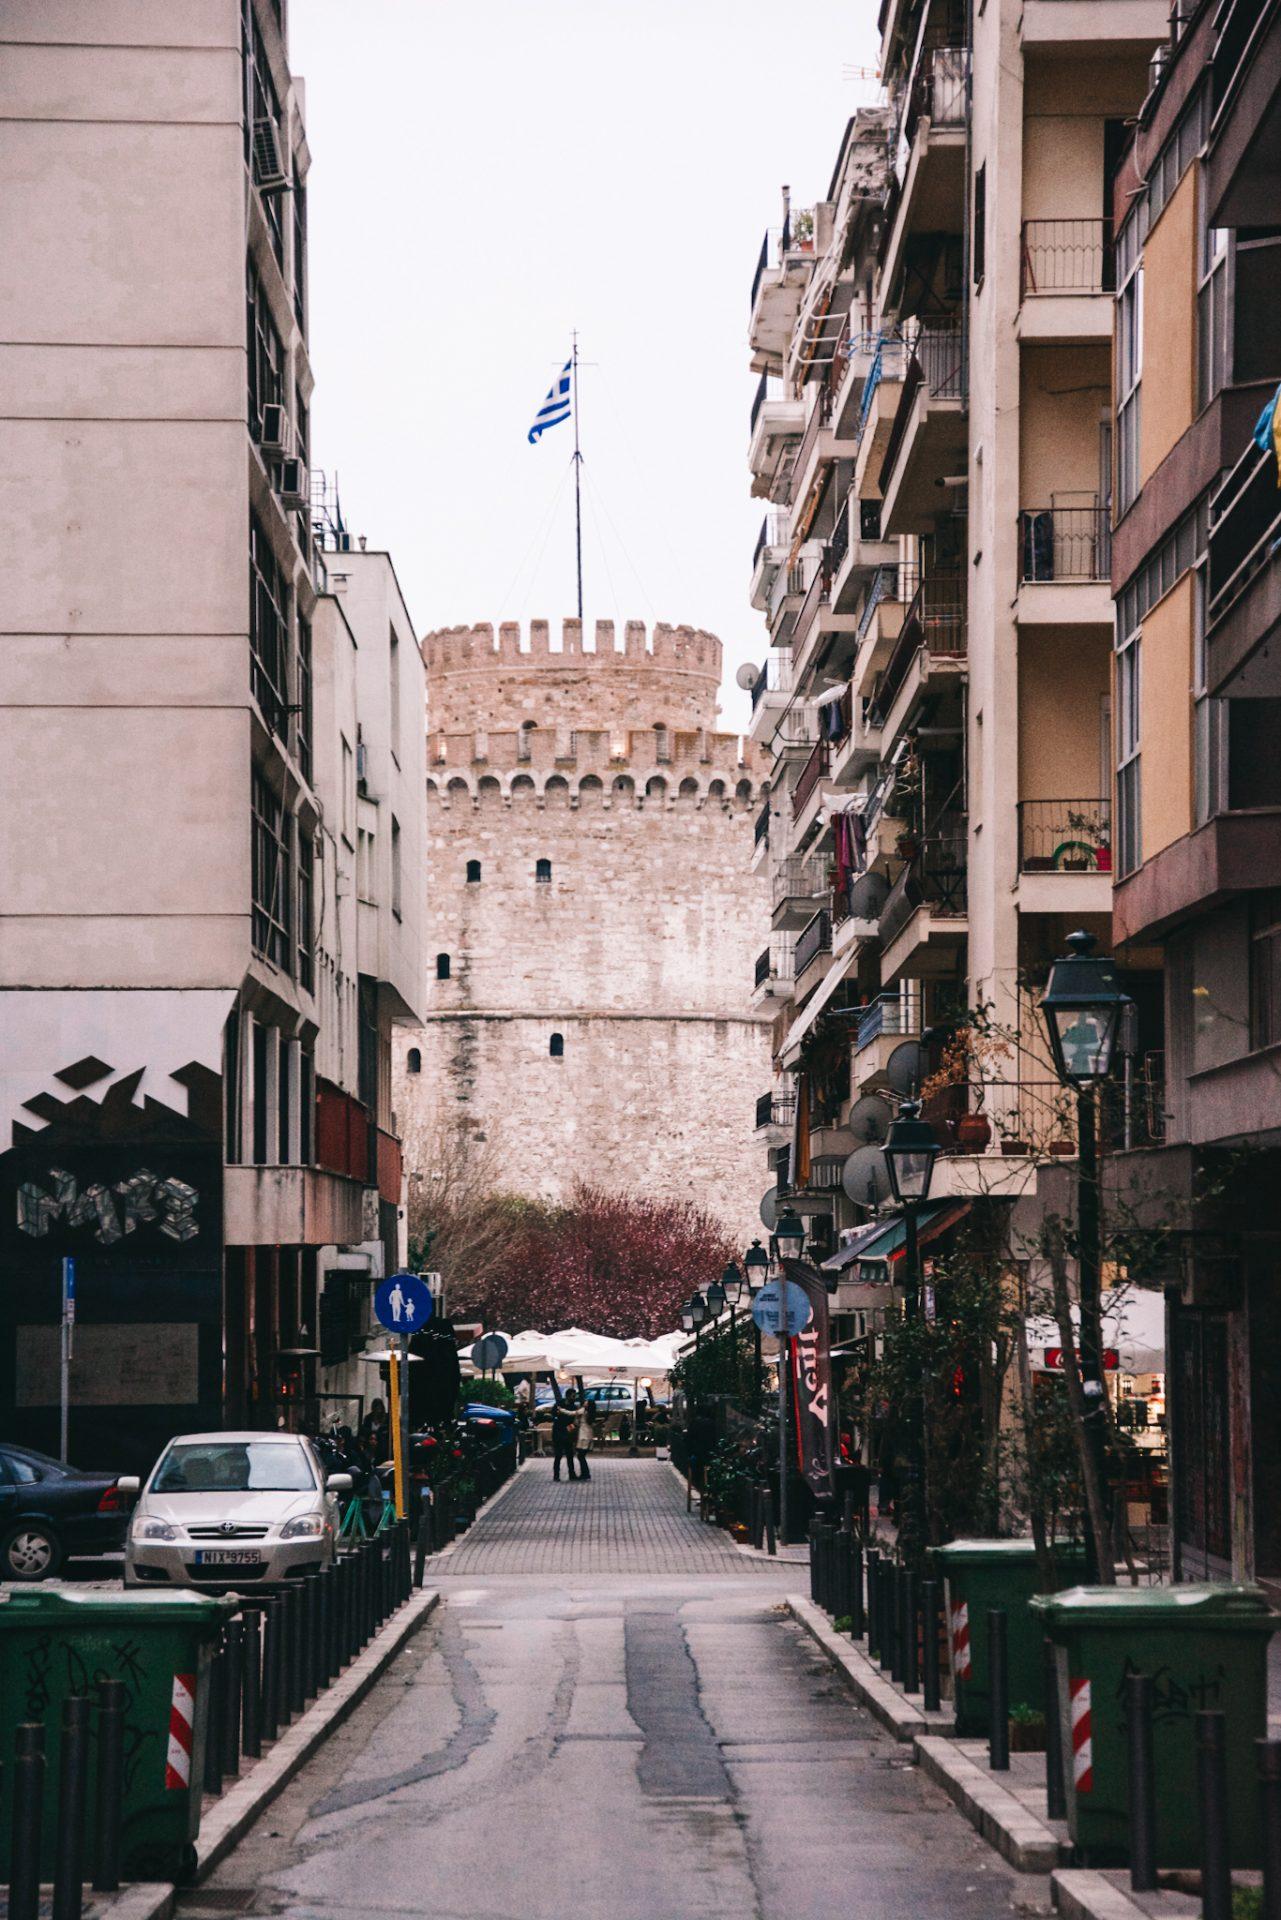 Filikis Eterias Street, Thessaloniki